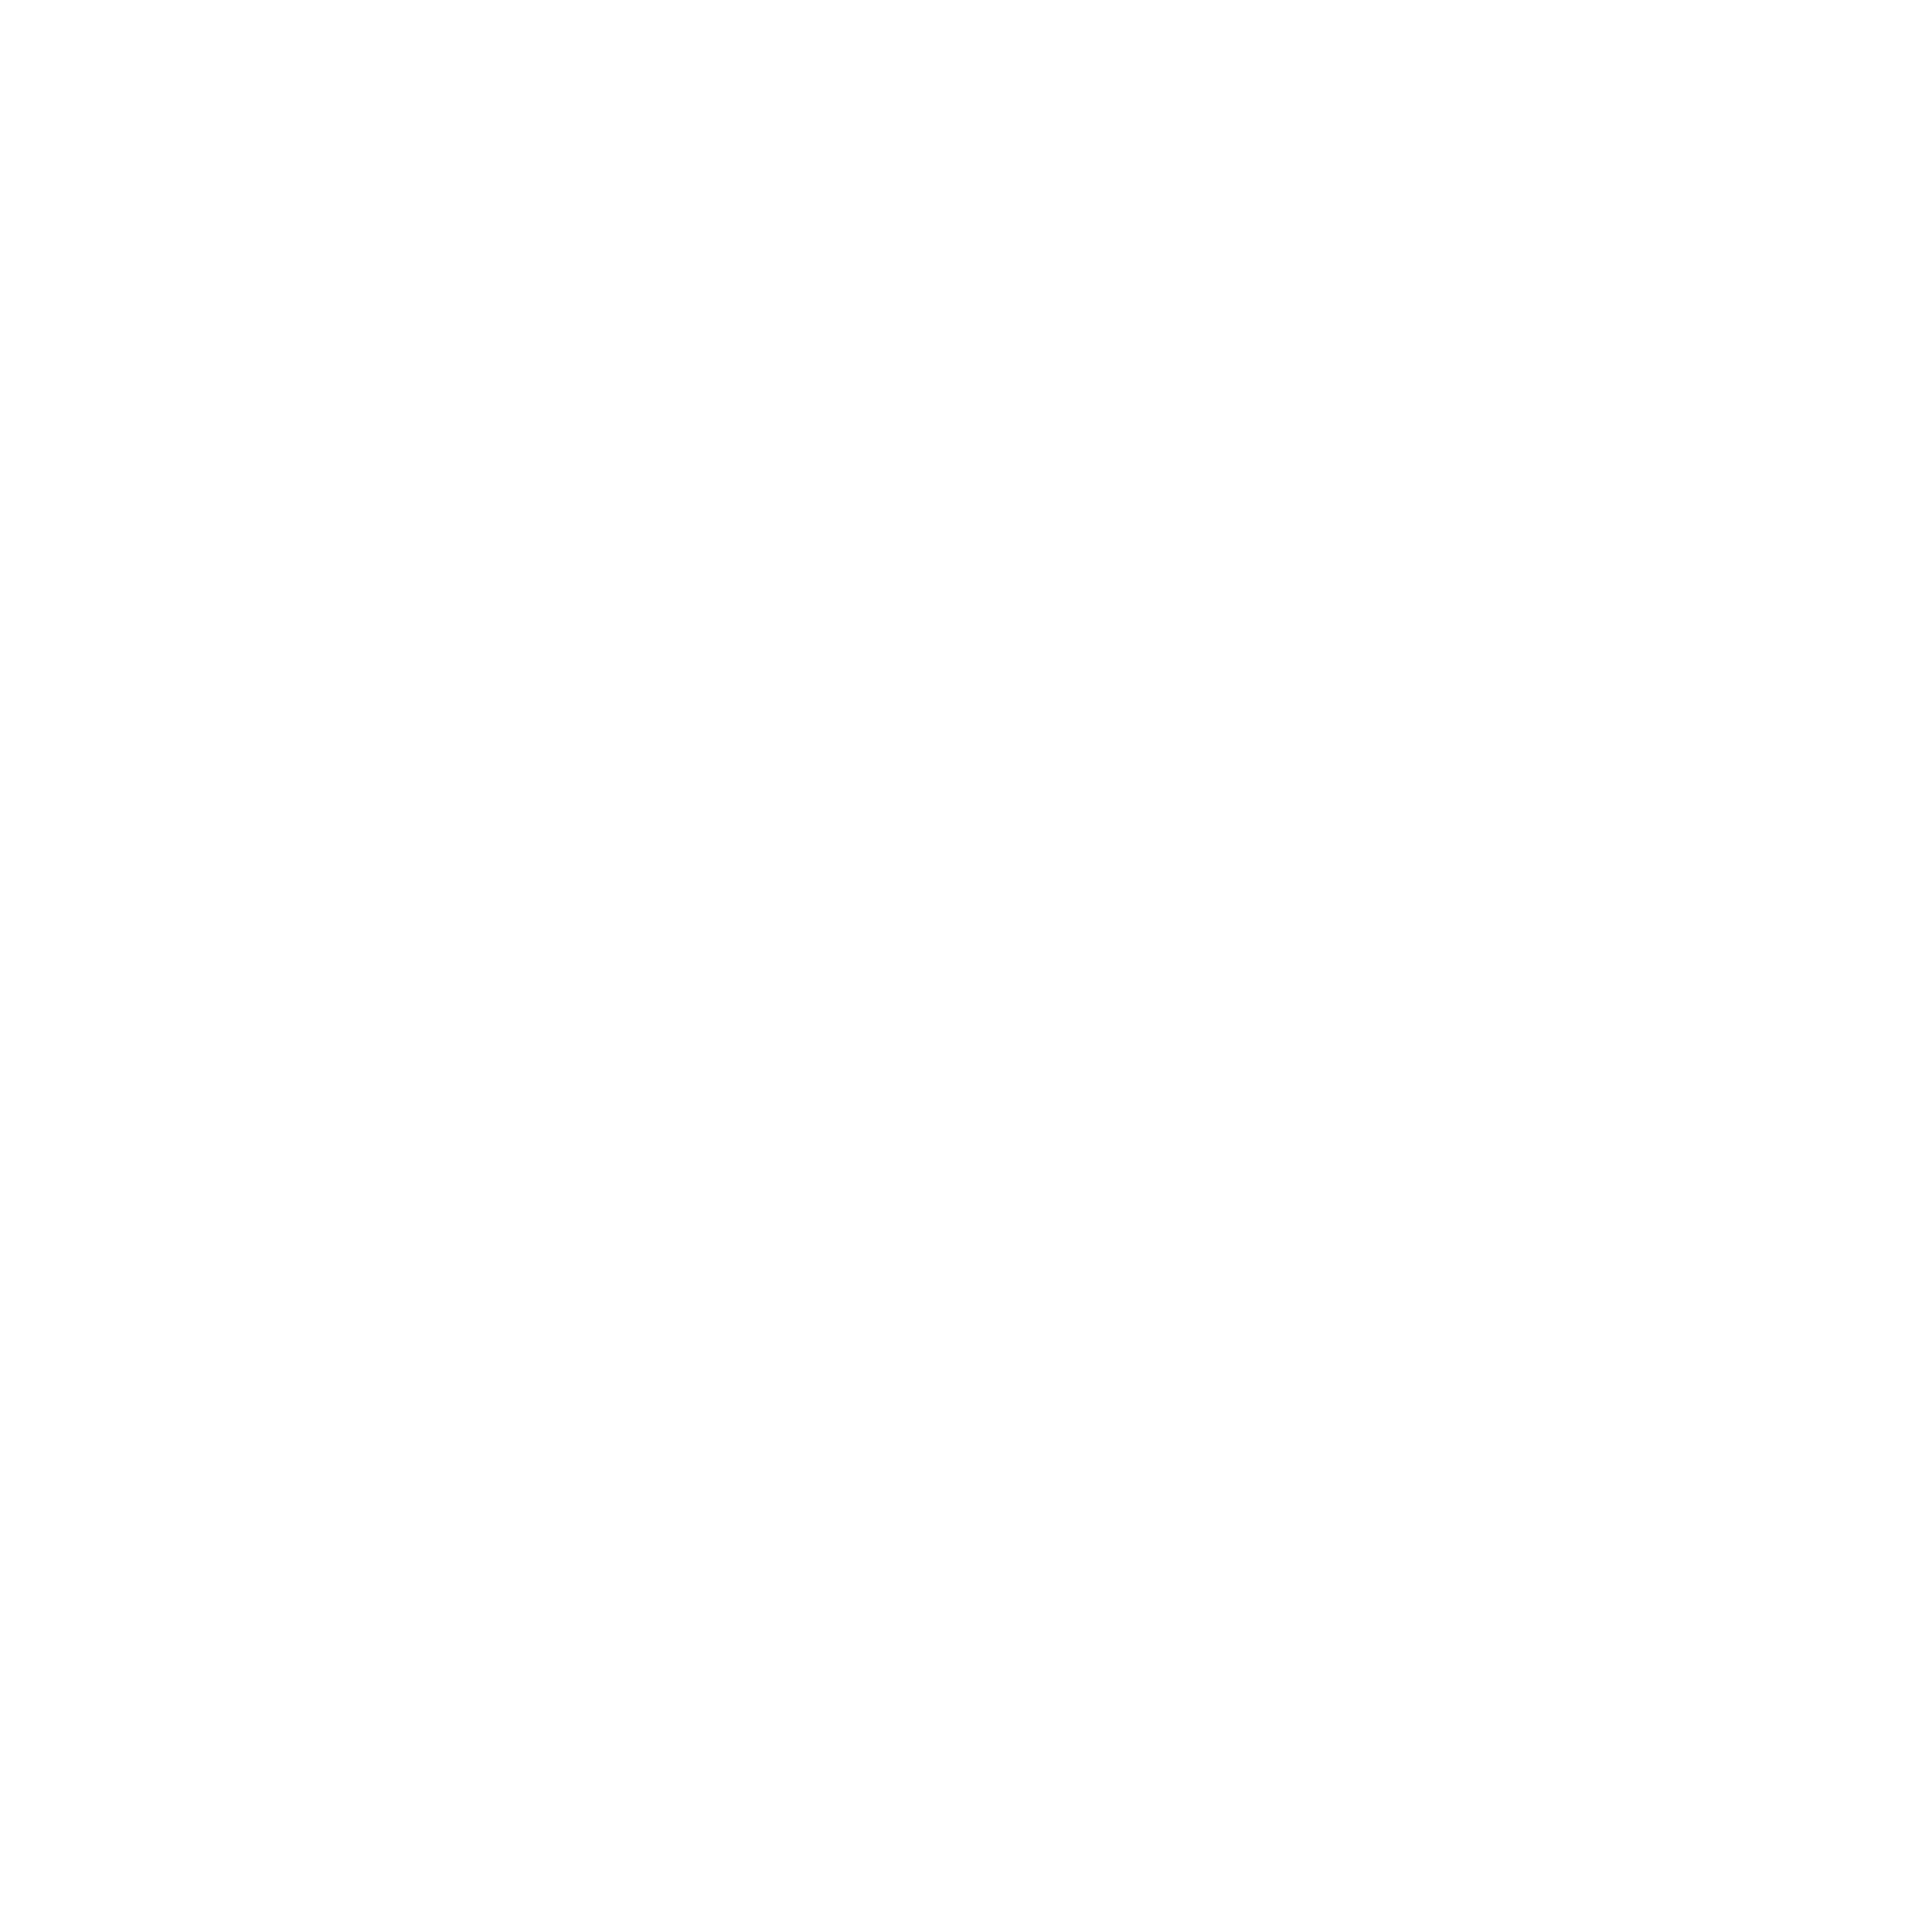 VR GEOLOGY